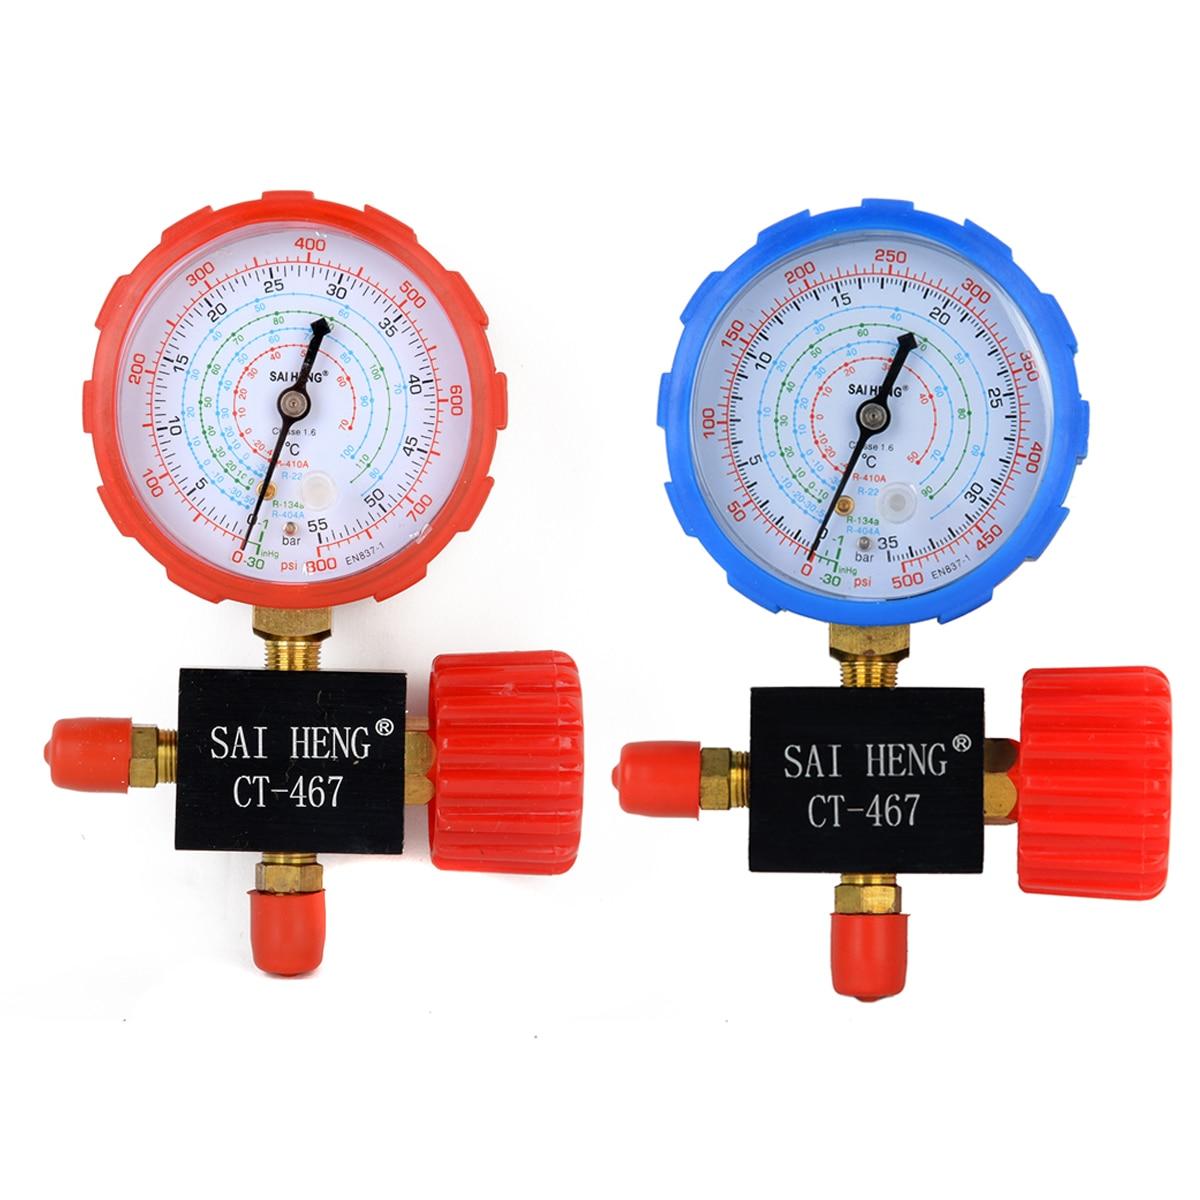 1 stück/2 stücke Gute Klimaanlage Manifold Gauge Hohe/Niedrige Druck R134a R404a R22 R410a Kältemittel Manometer mit Ventil Mayitr